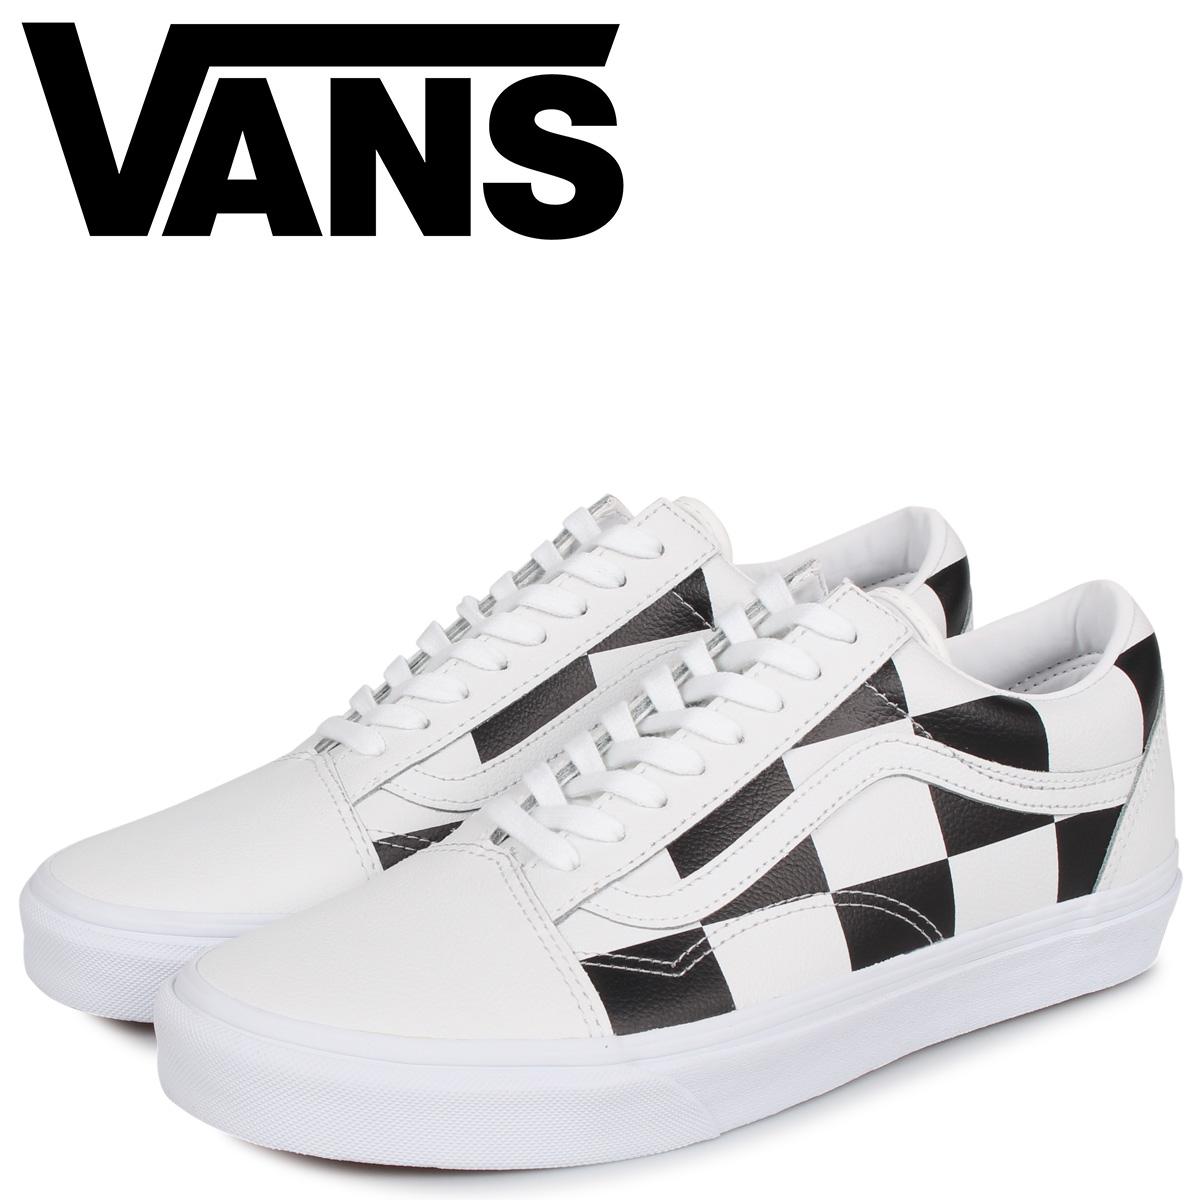 バンズ VANS オールドスクール スニーカー メンズ ヴァンズ OLD SKOOL ホワイト 白 VN0A4BV5TPL